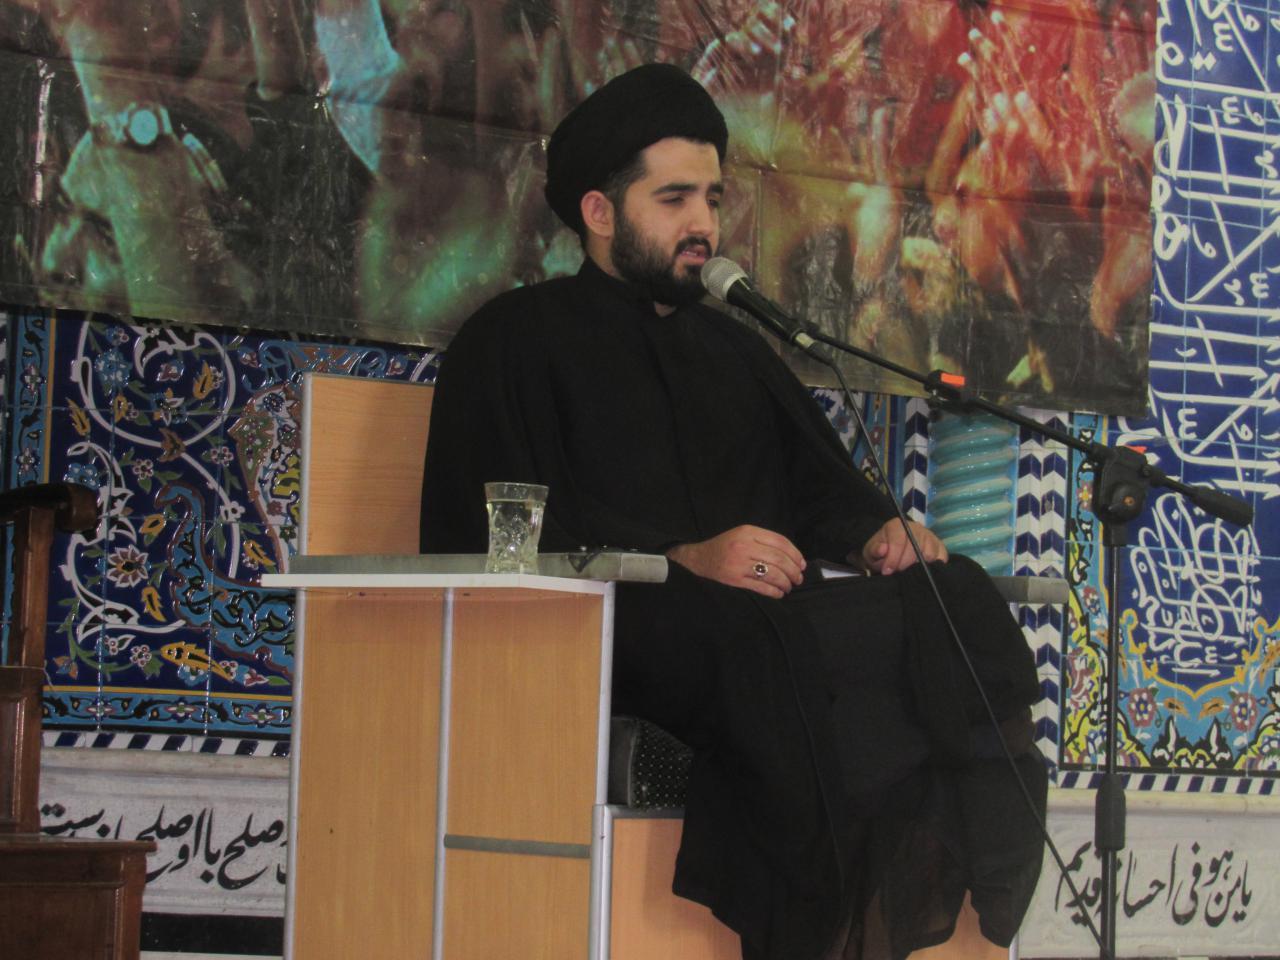 مراسم شب احیاء نوزدهم ماه رمضان در حرم امامزاده سیدجلال الدین اشرف